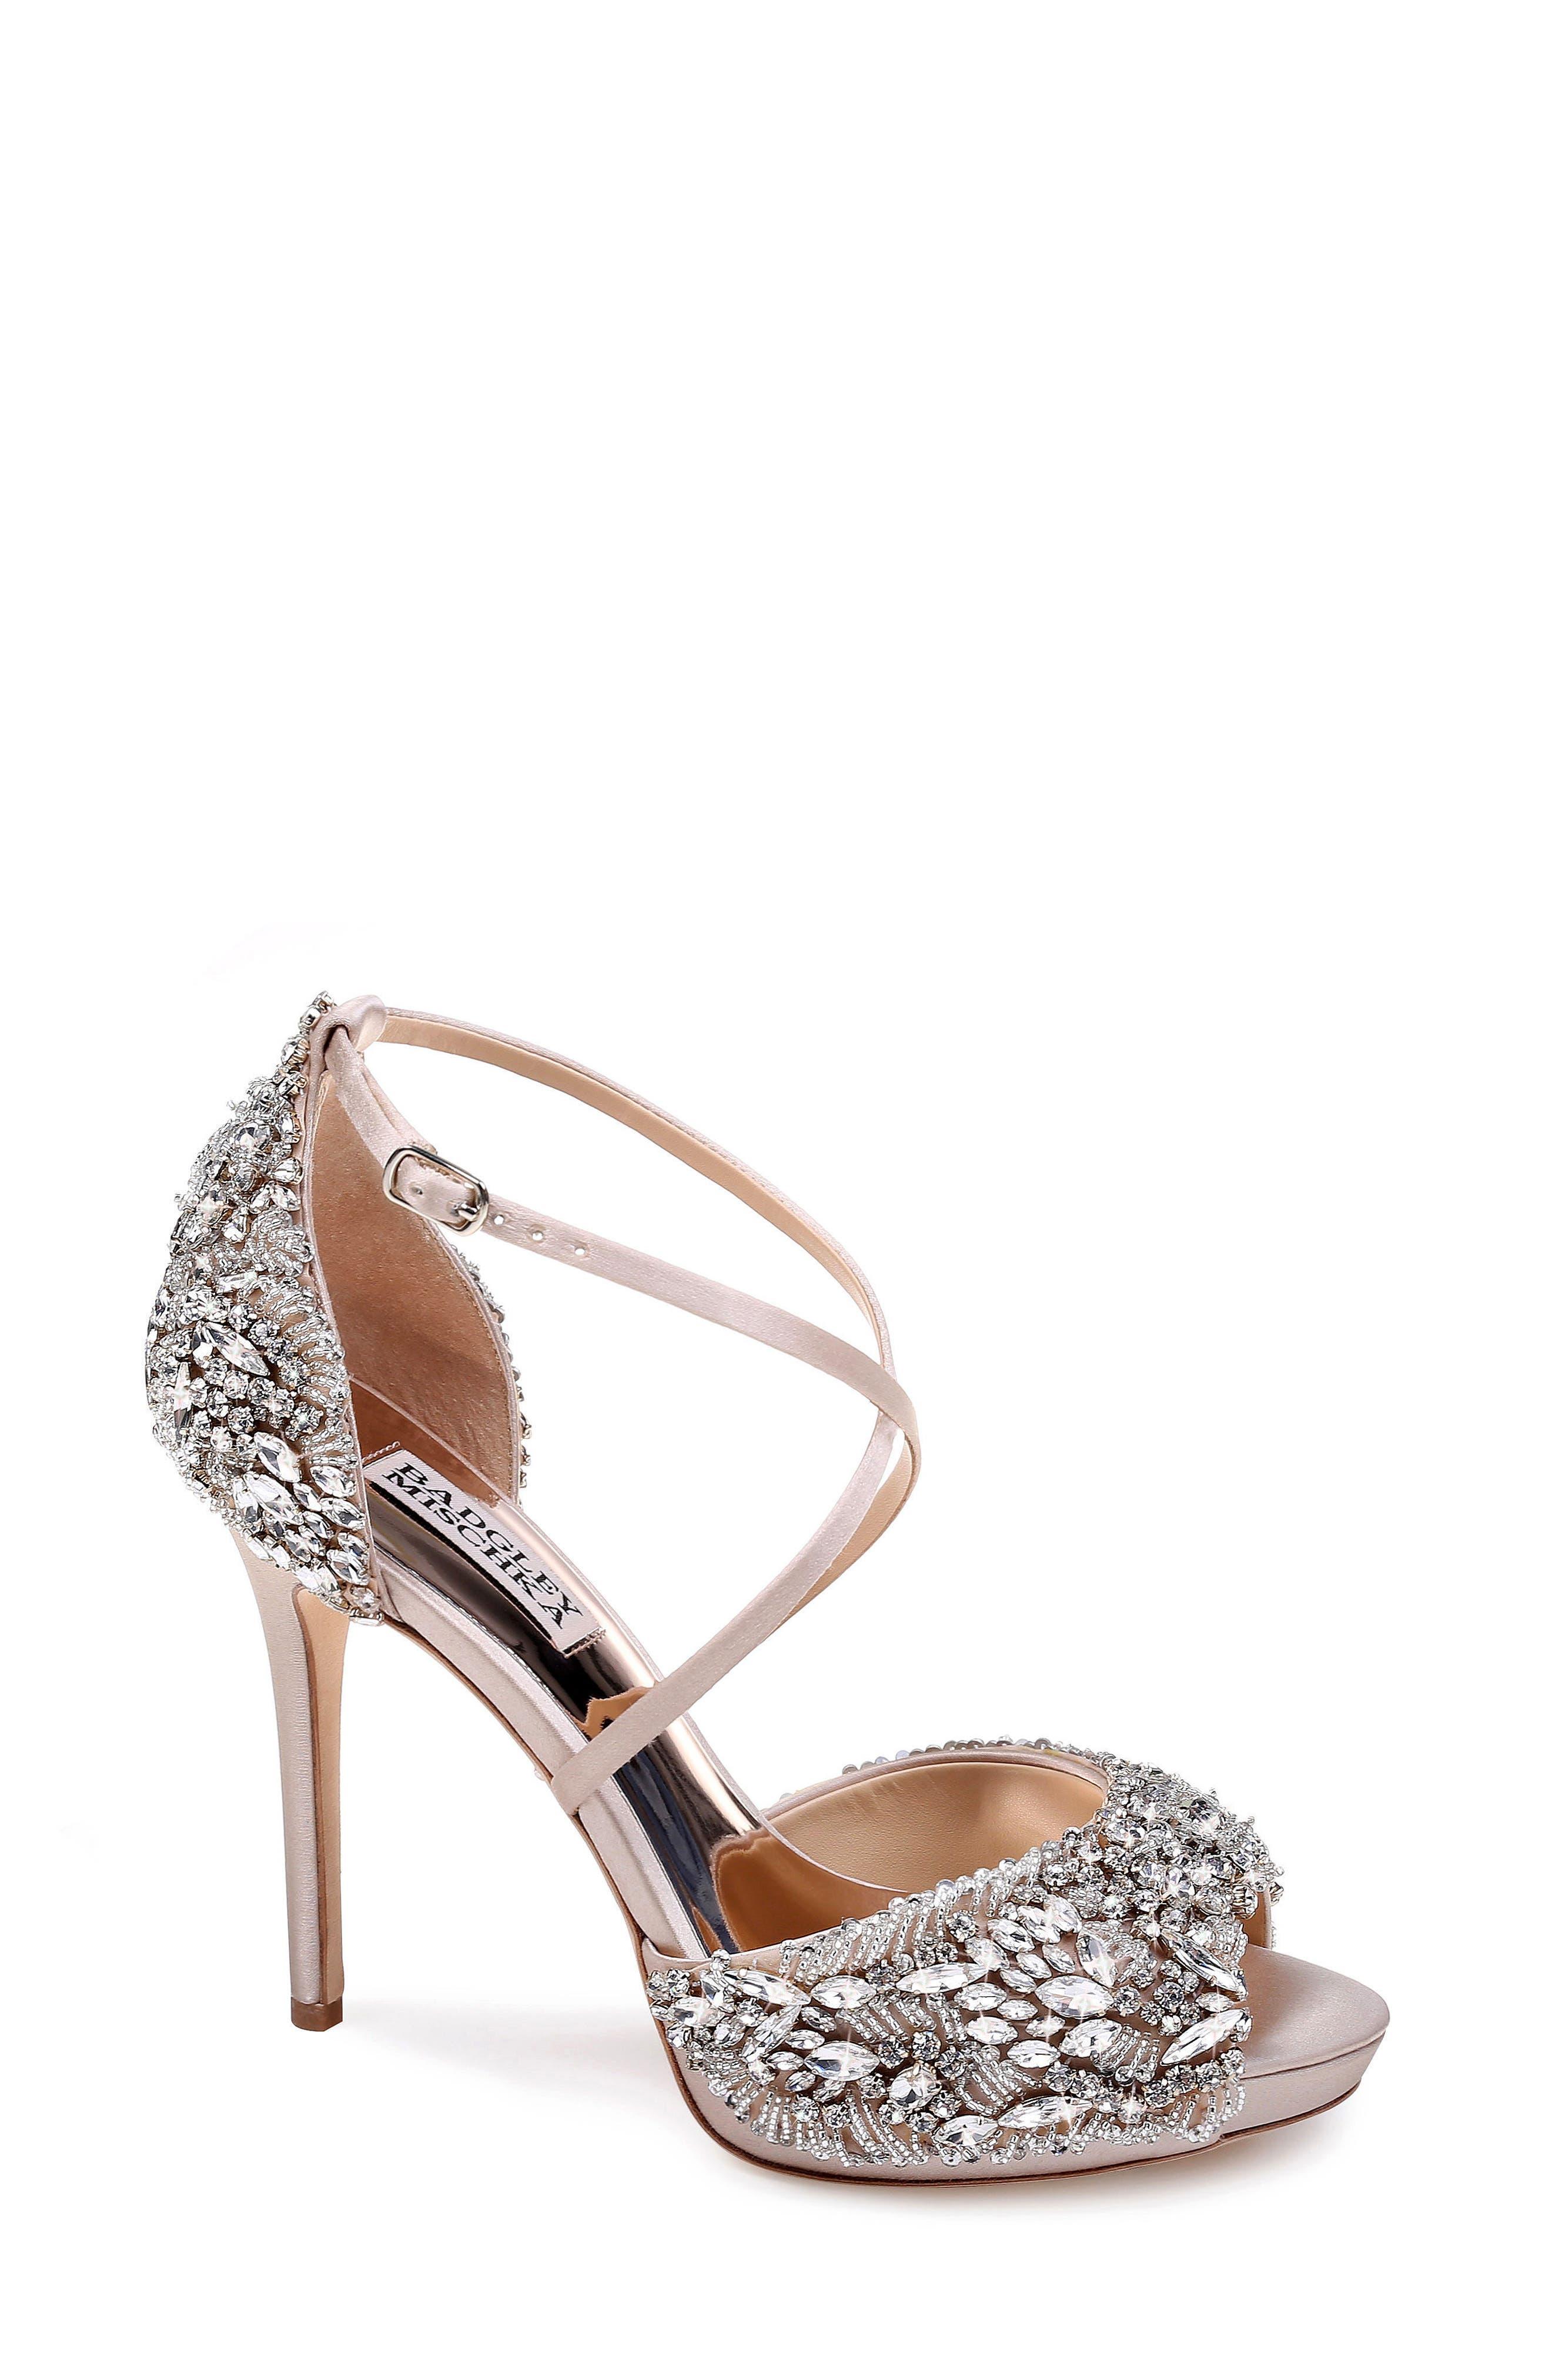 BADGLEY MISCHKA COLLECTION Badgley Mischka Hyper Crystal Embellished Sandal, Main, color, 100